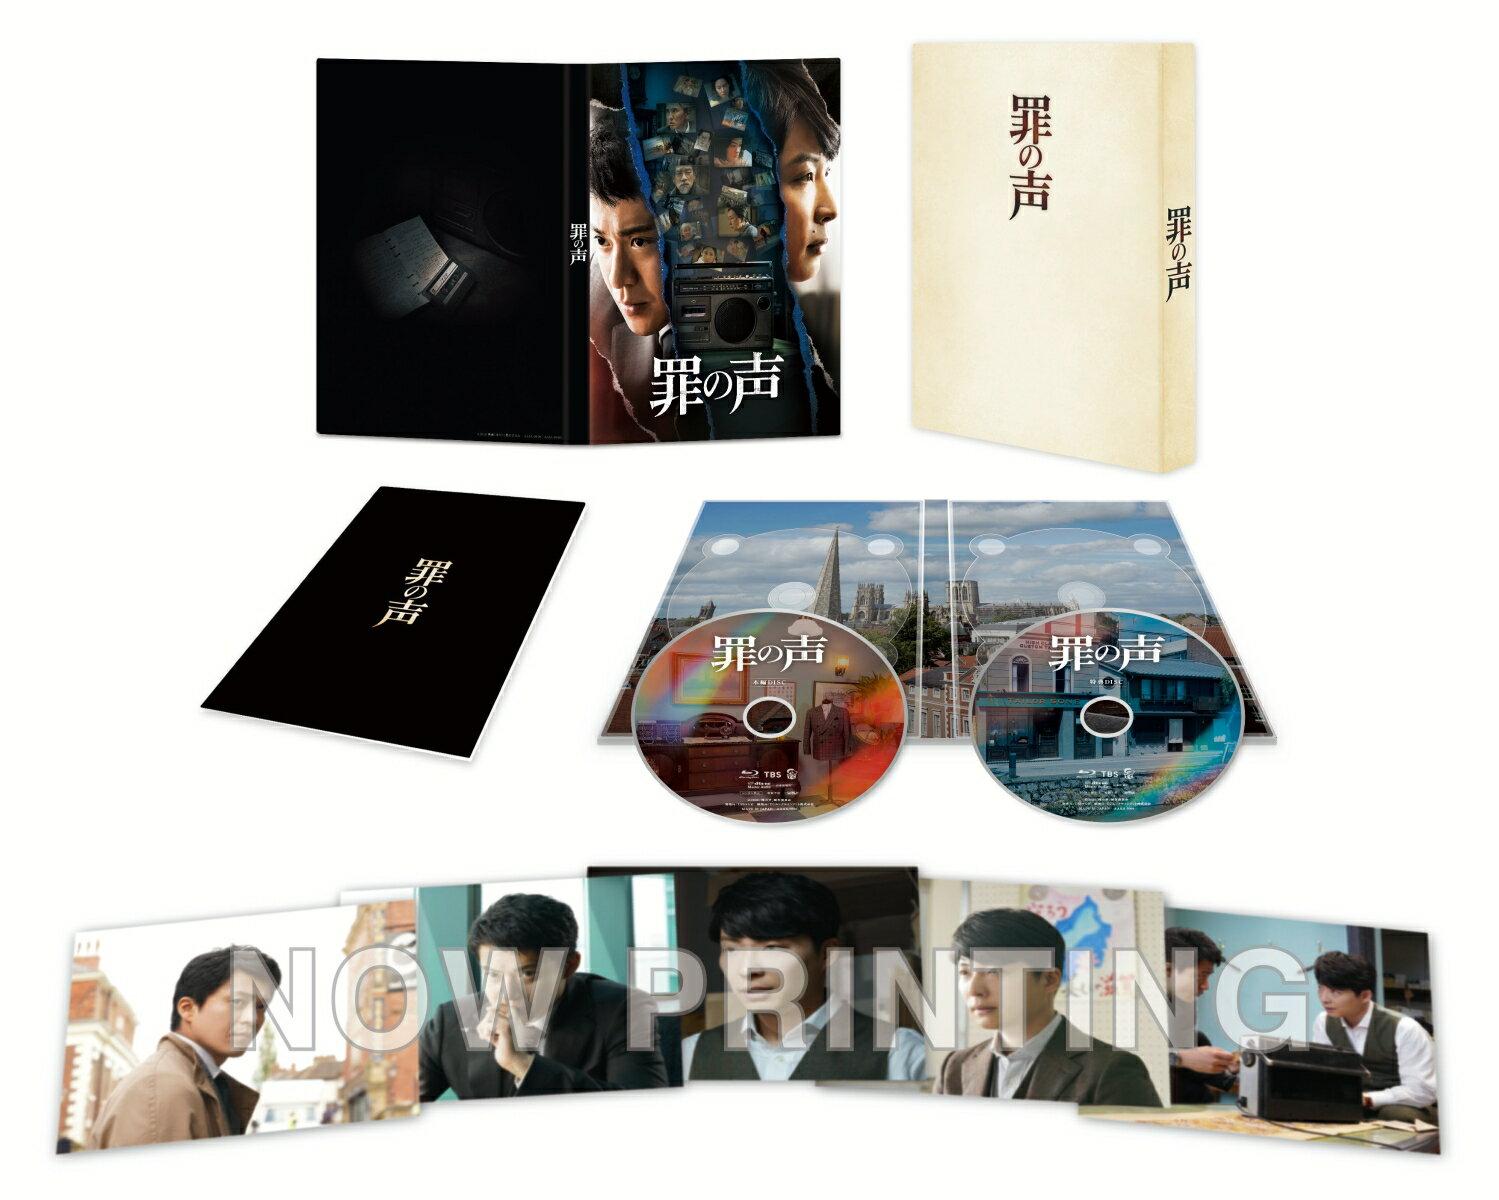 罪の声 豪華版【Blu-ray】画像